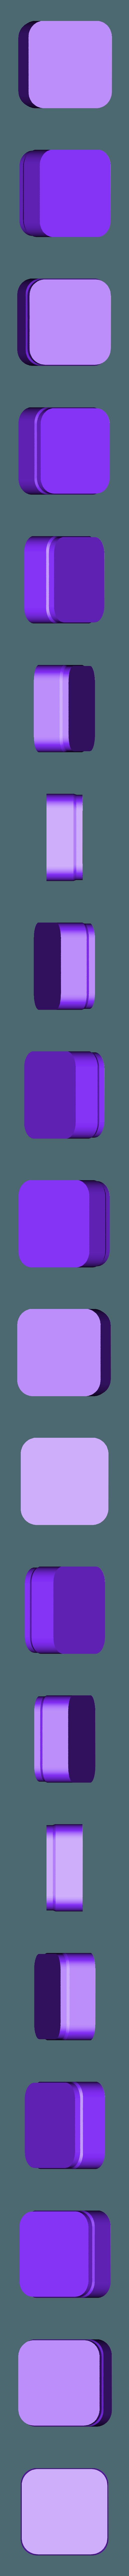 003.stl Télécharger fichier STL gratuit Parametric Stackable Boxes with Grasshopper télécharger gratuitement le paramètre • Modèle imprimable en 3D, Othmane